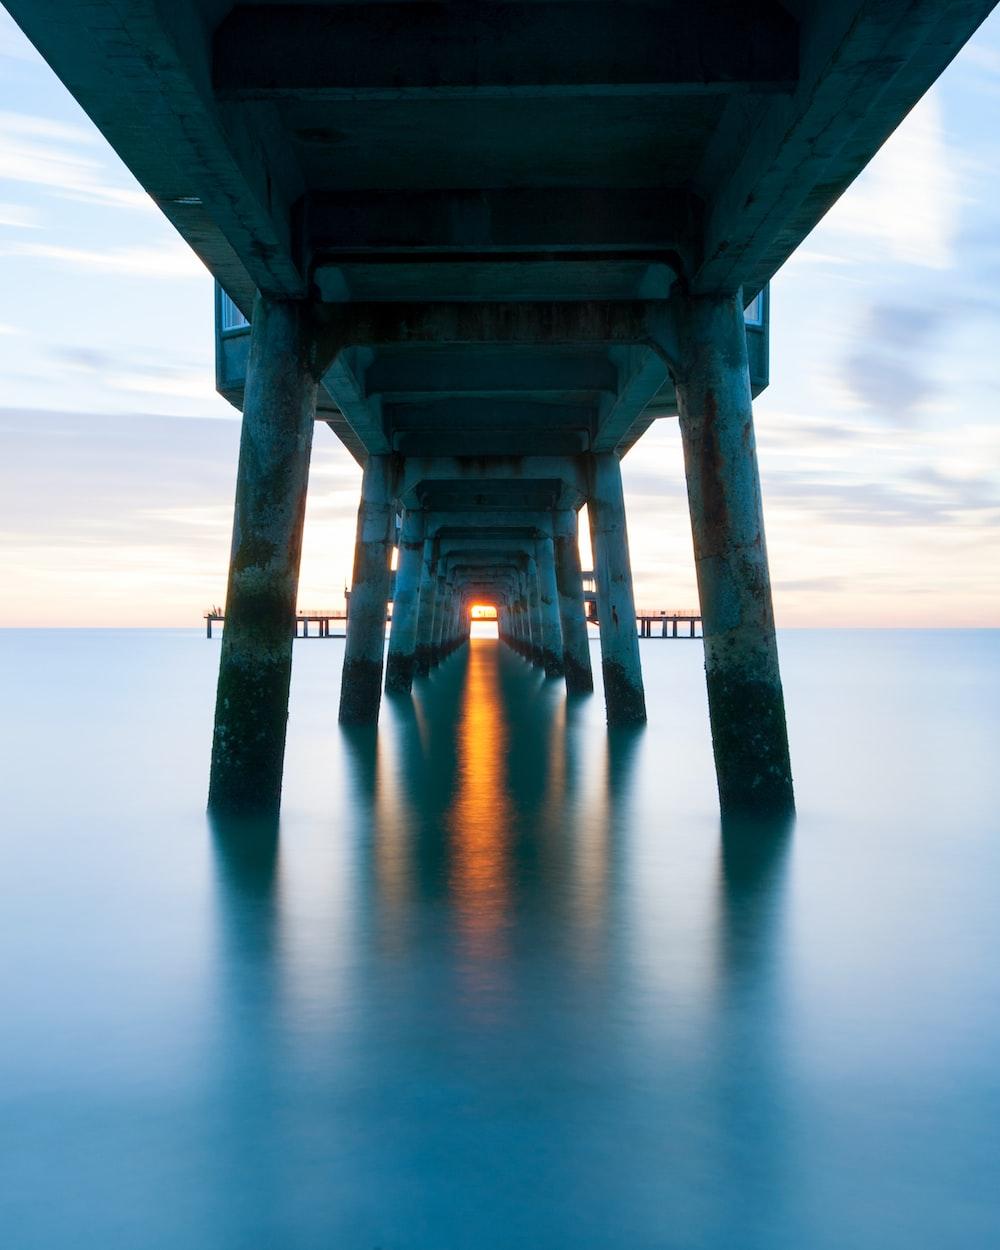 gray concrete bridge over the sea